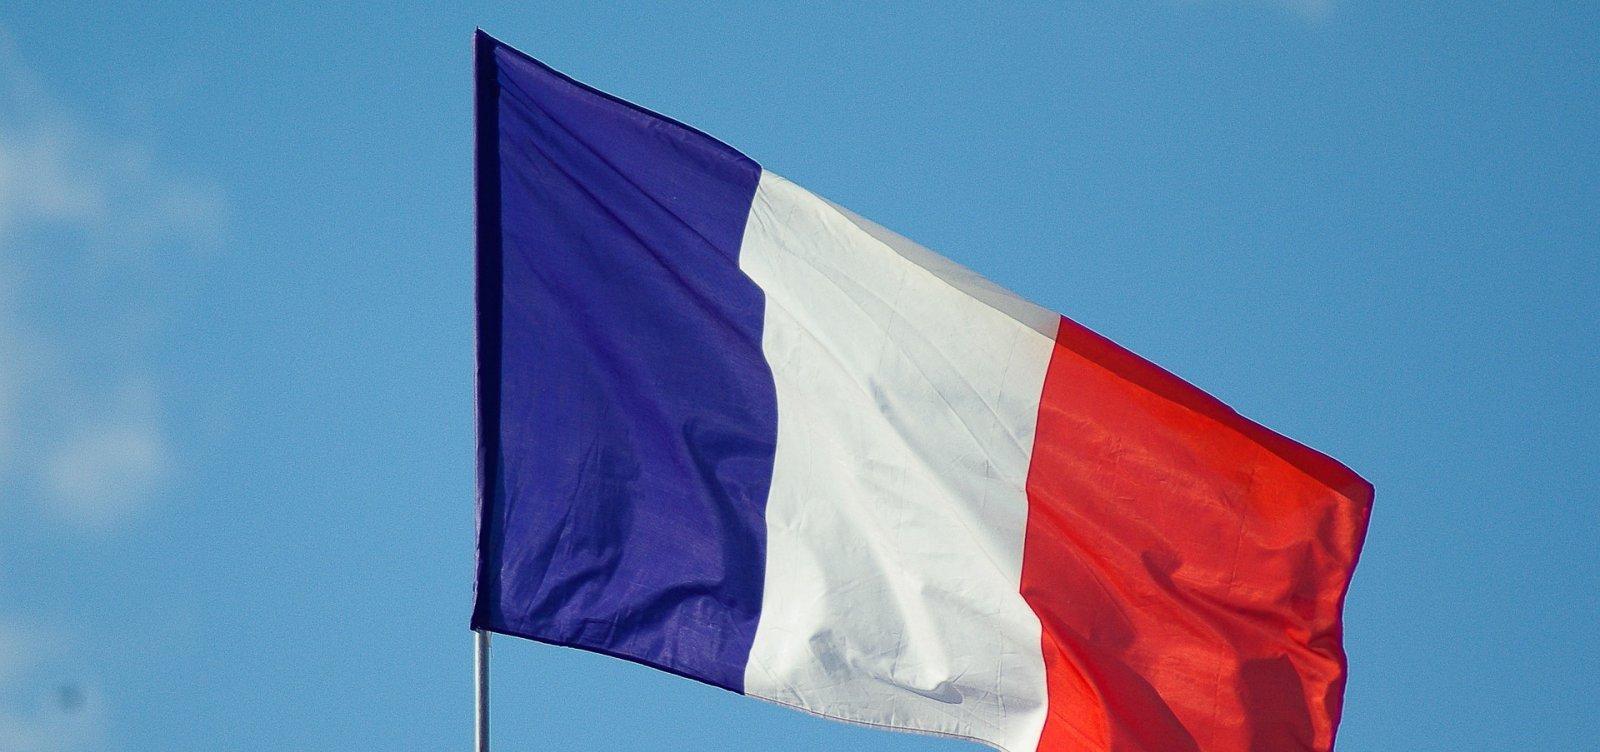 Vacina de Oxford: França não recomenda o imunizante para pessoas com mais de 65 anos